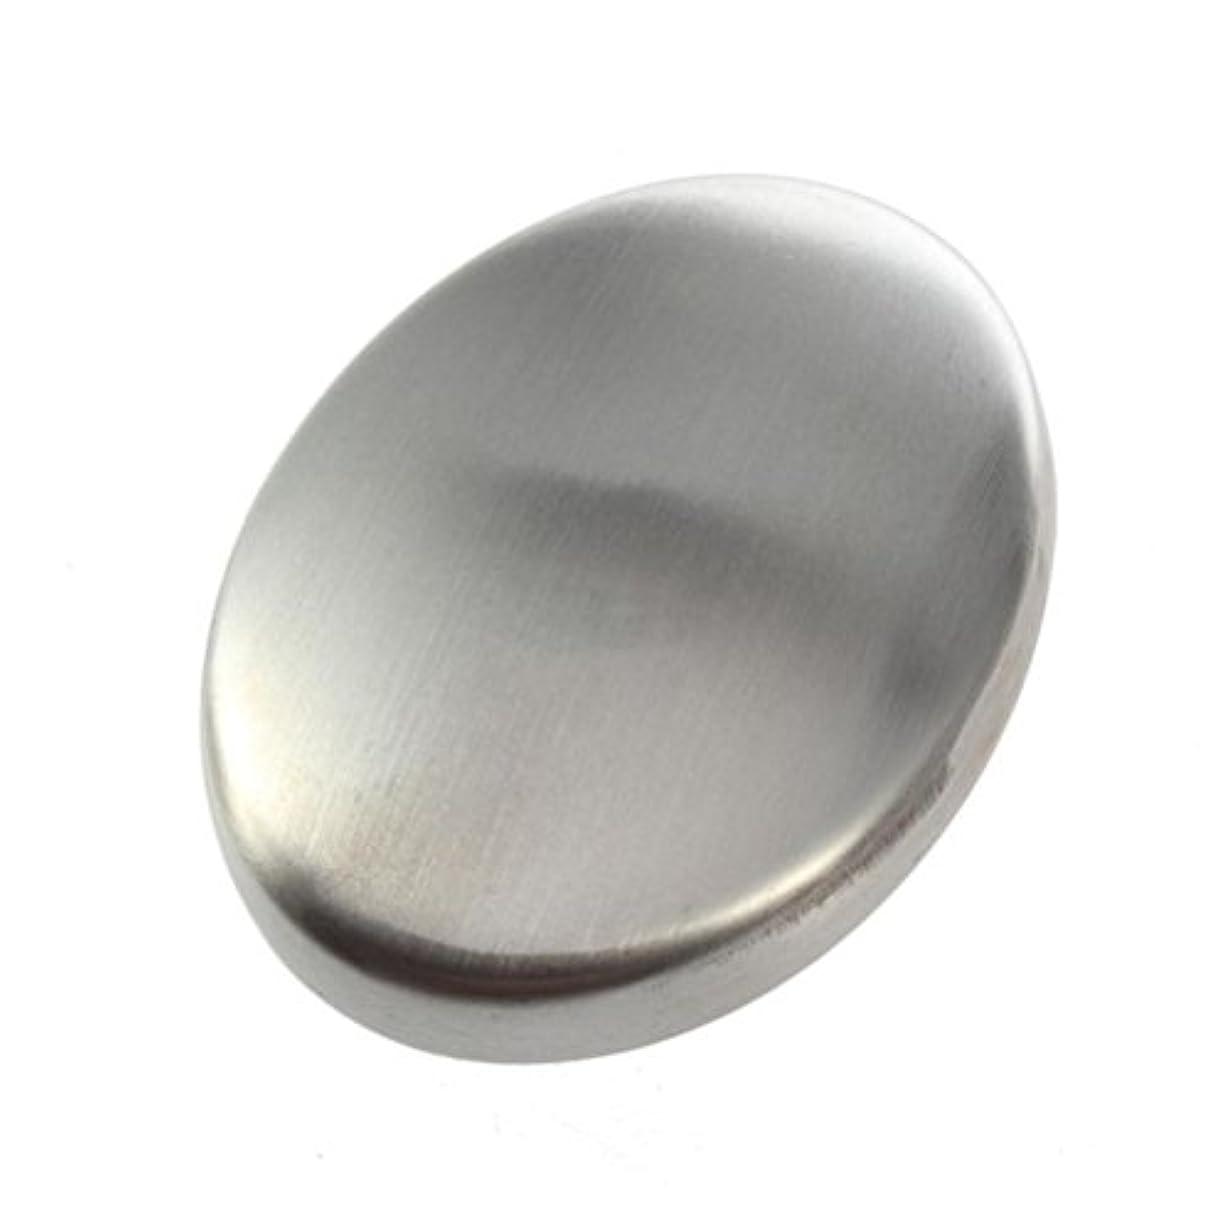 知人アーク何十人もFlybloom ステンレス鋼の石鹸の臭気は容易な速く除去の臭いの台所棒楕円形の石鹸のための石鹸を取除きます